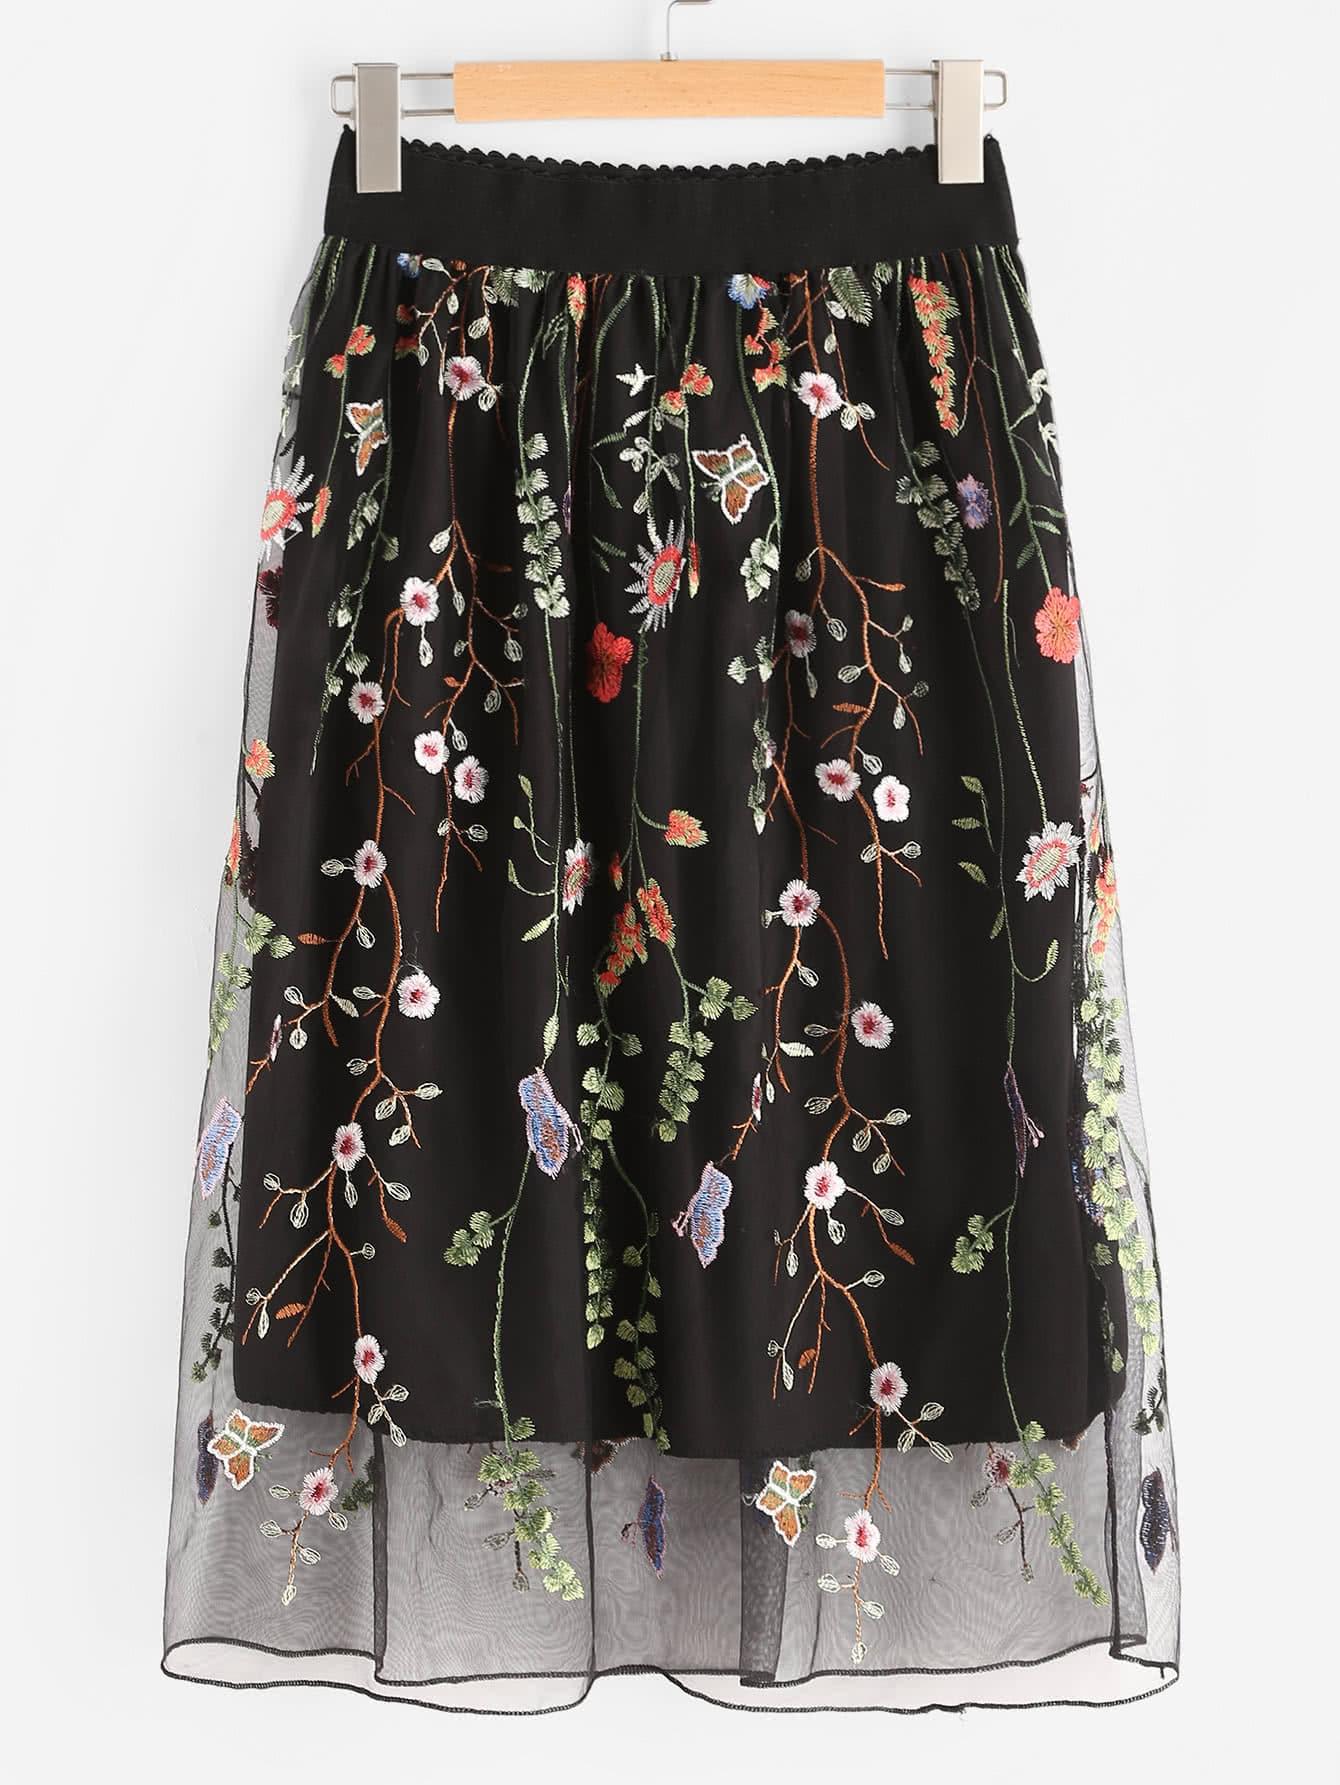 All Over Flower Embroidered Mesh Overlay Skirt